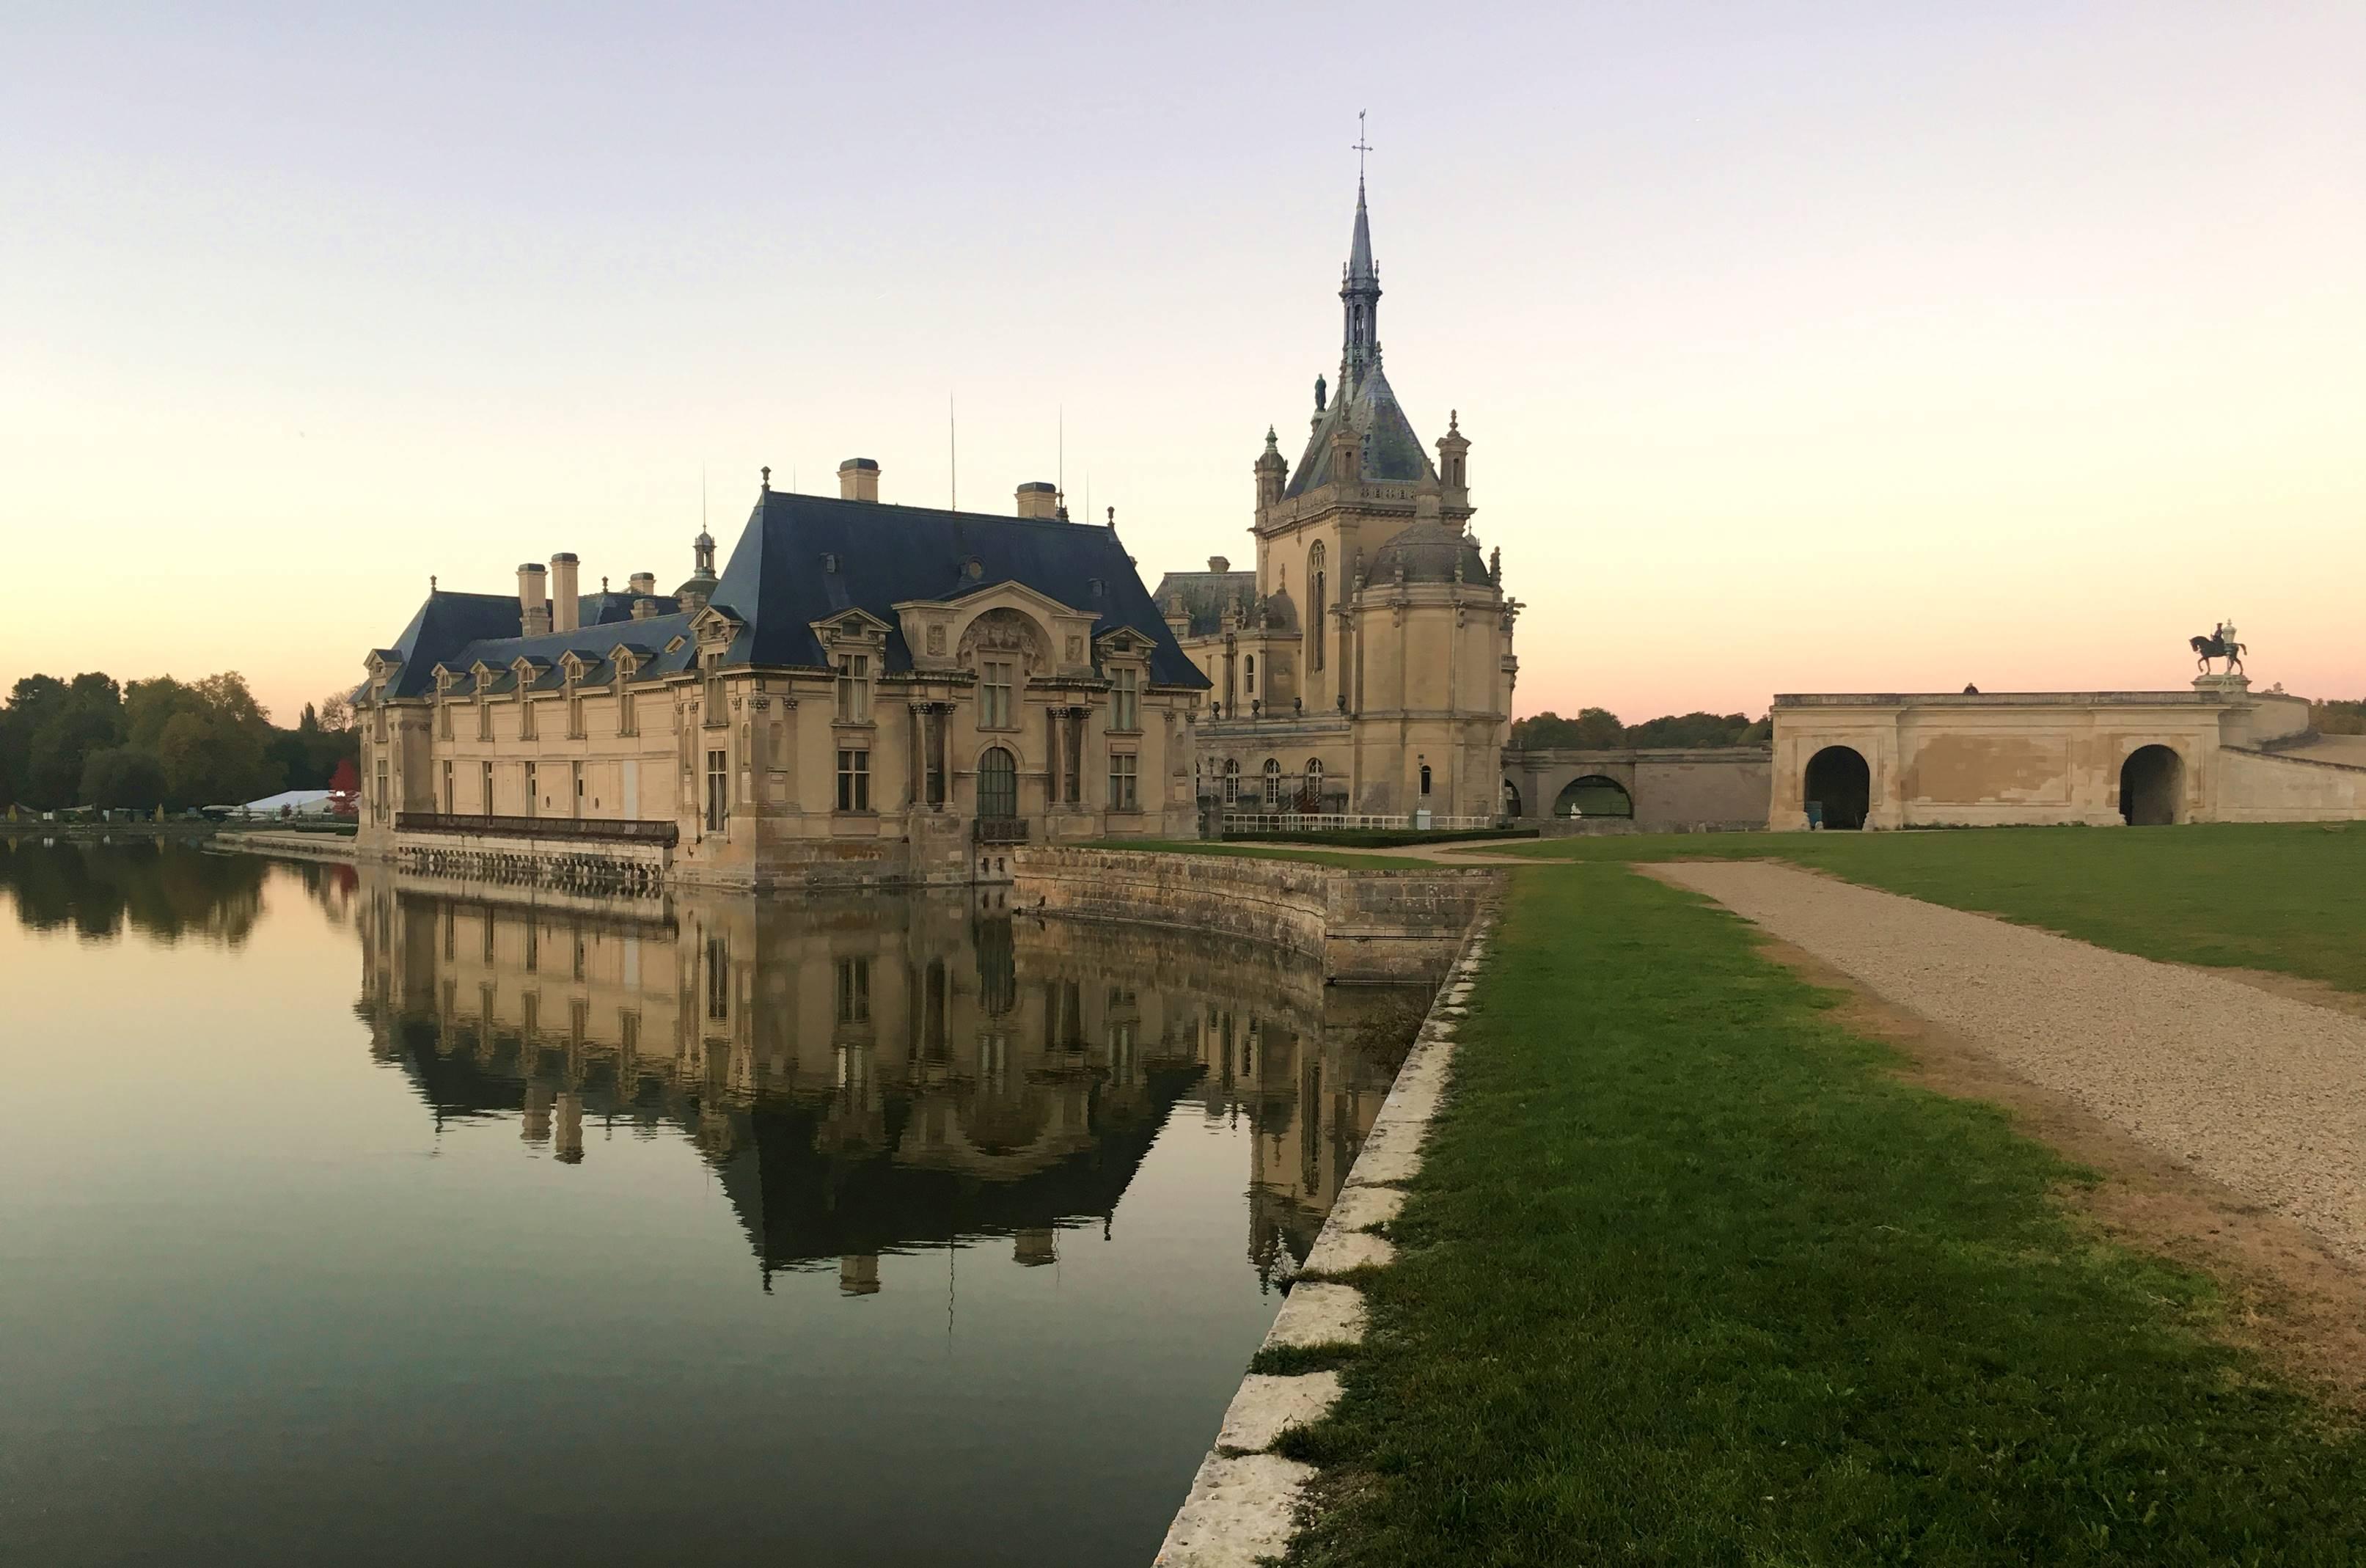 chantilly_frança_castelo_1